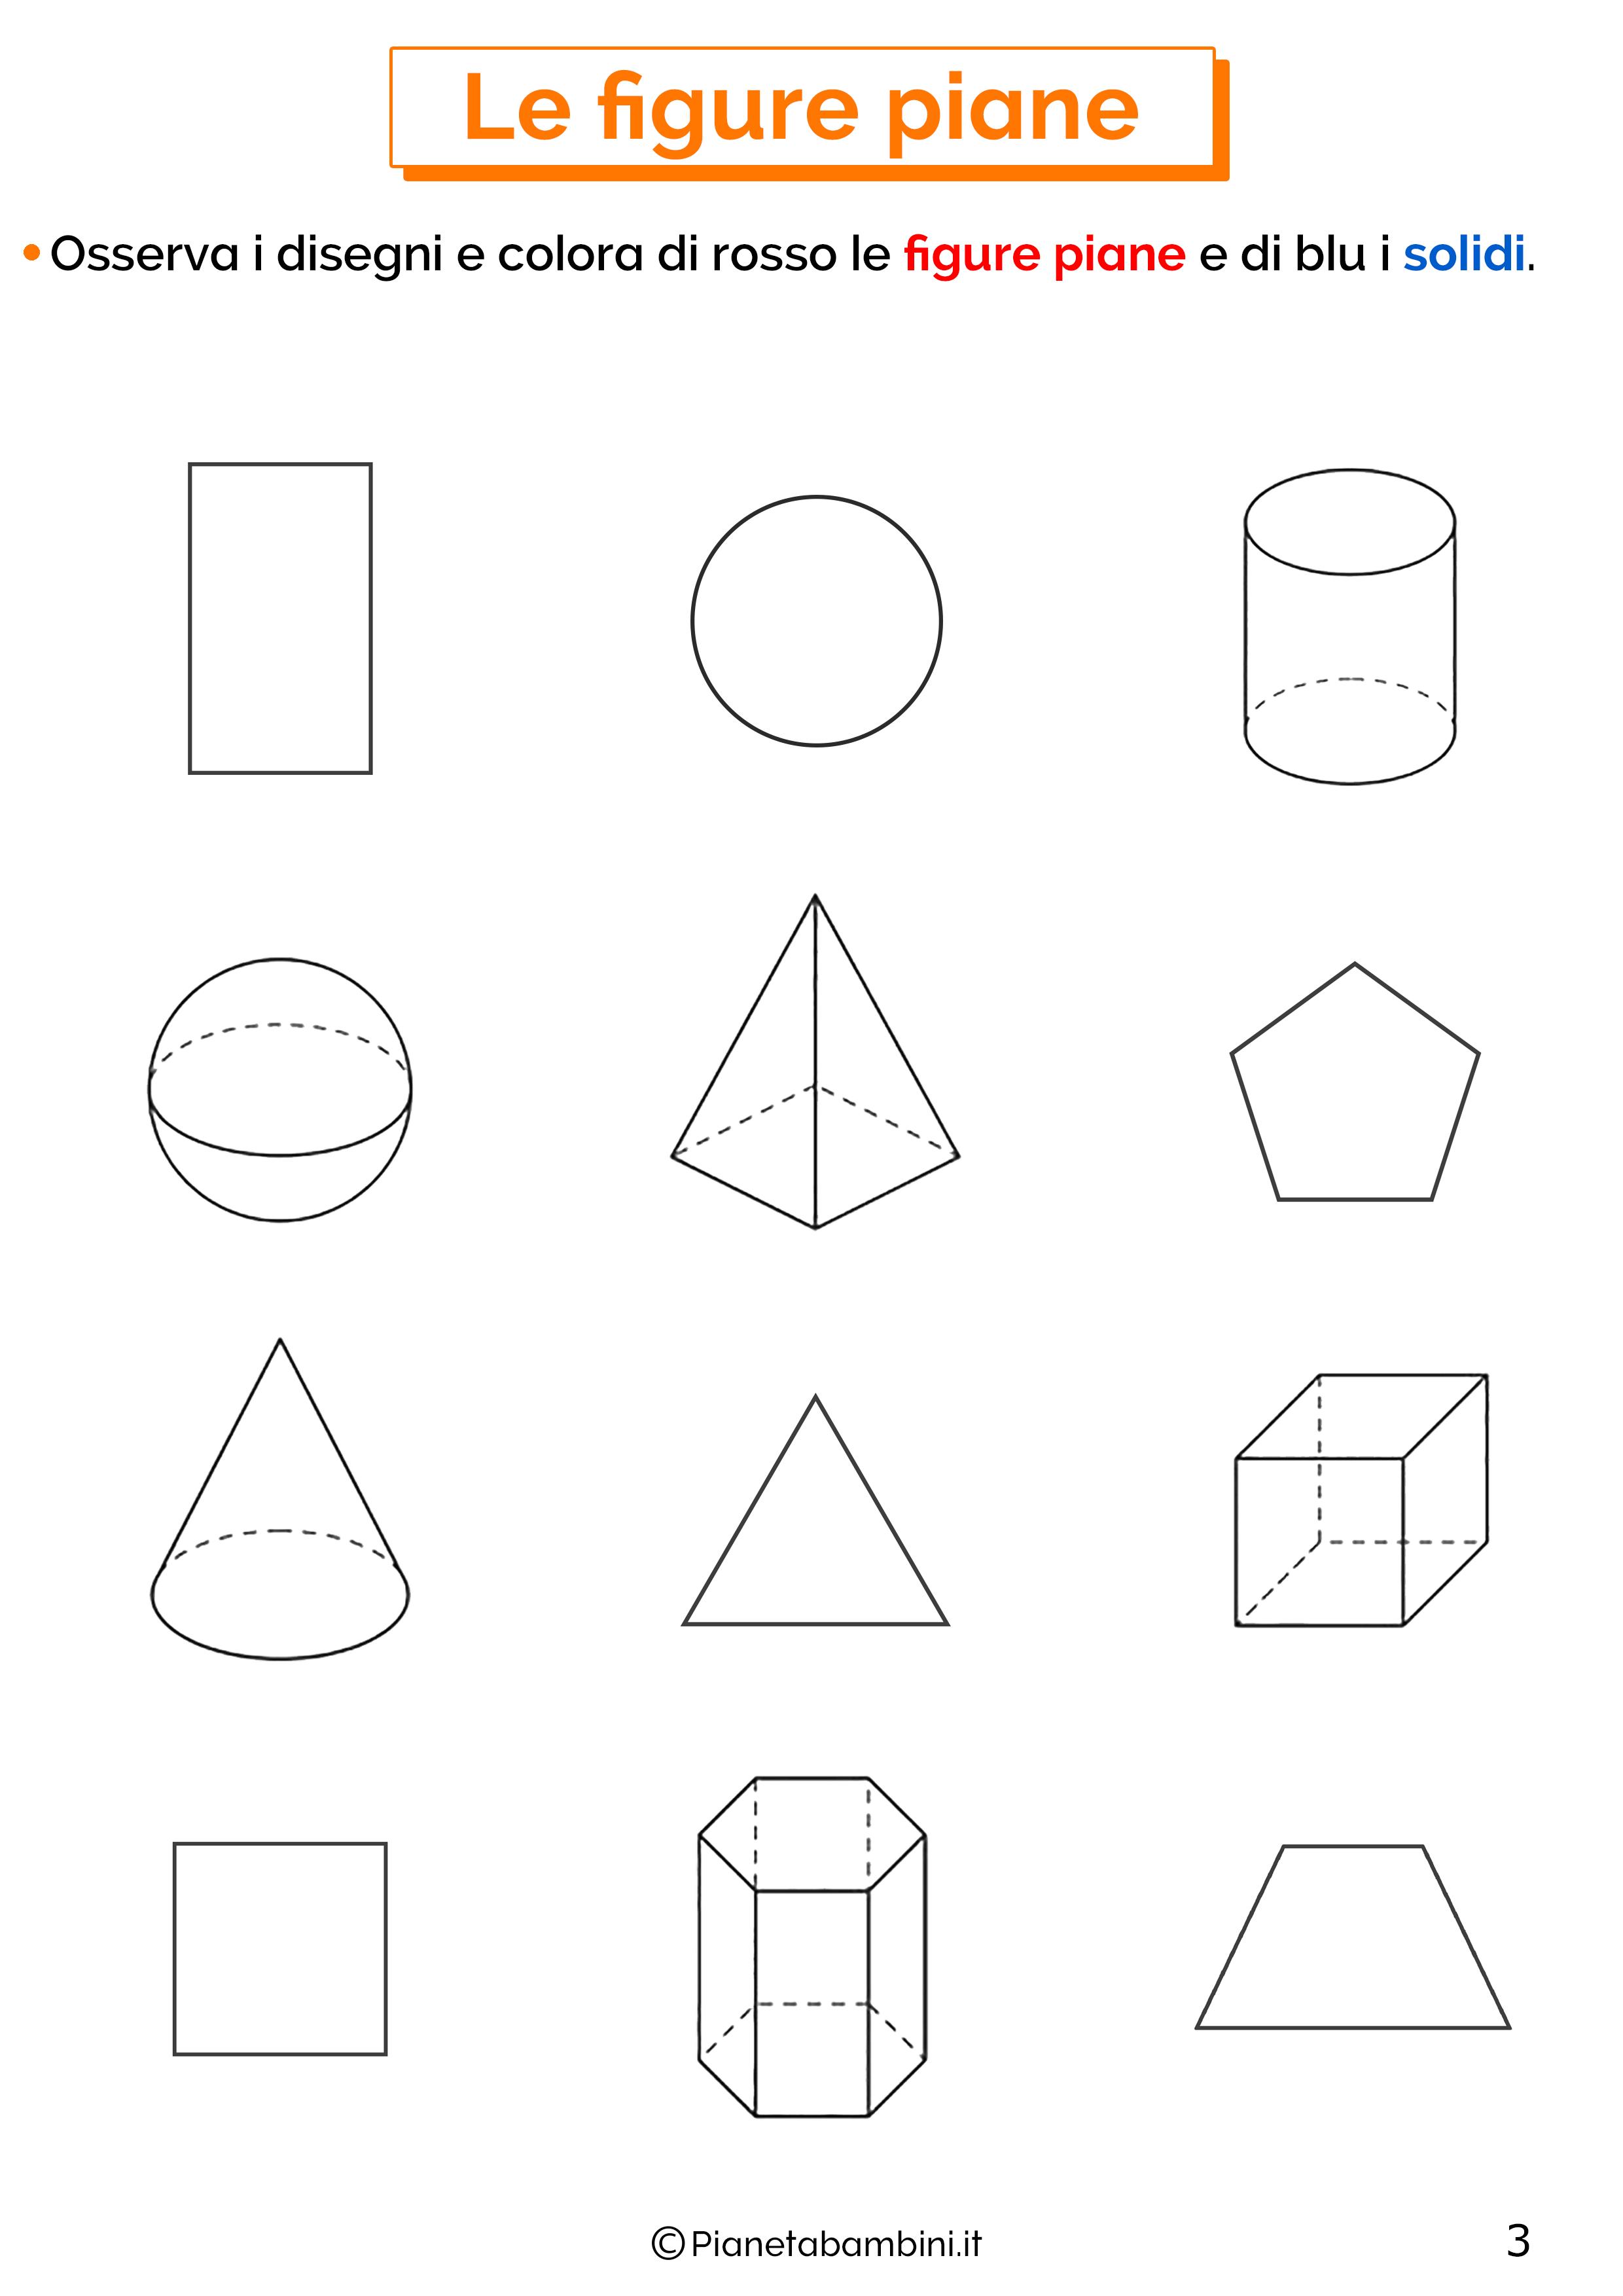 Scheda didattica sulle figure piane 3